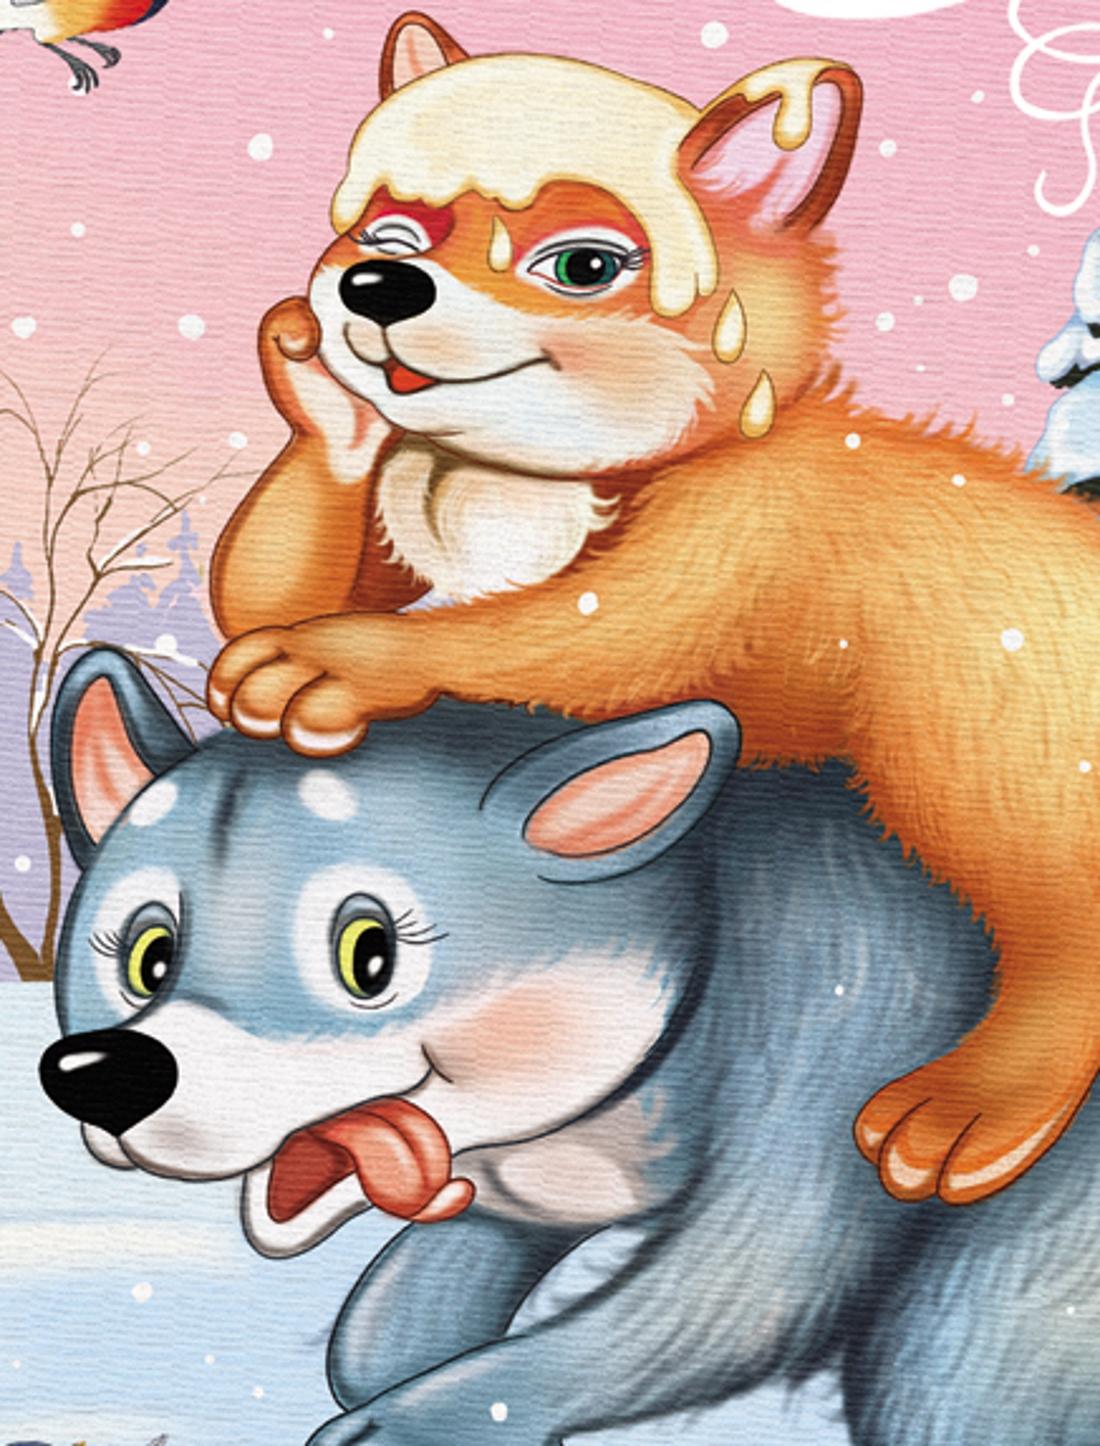 Иллюстрация к сказке волк и лиса картинки